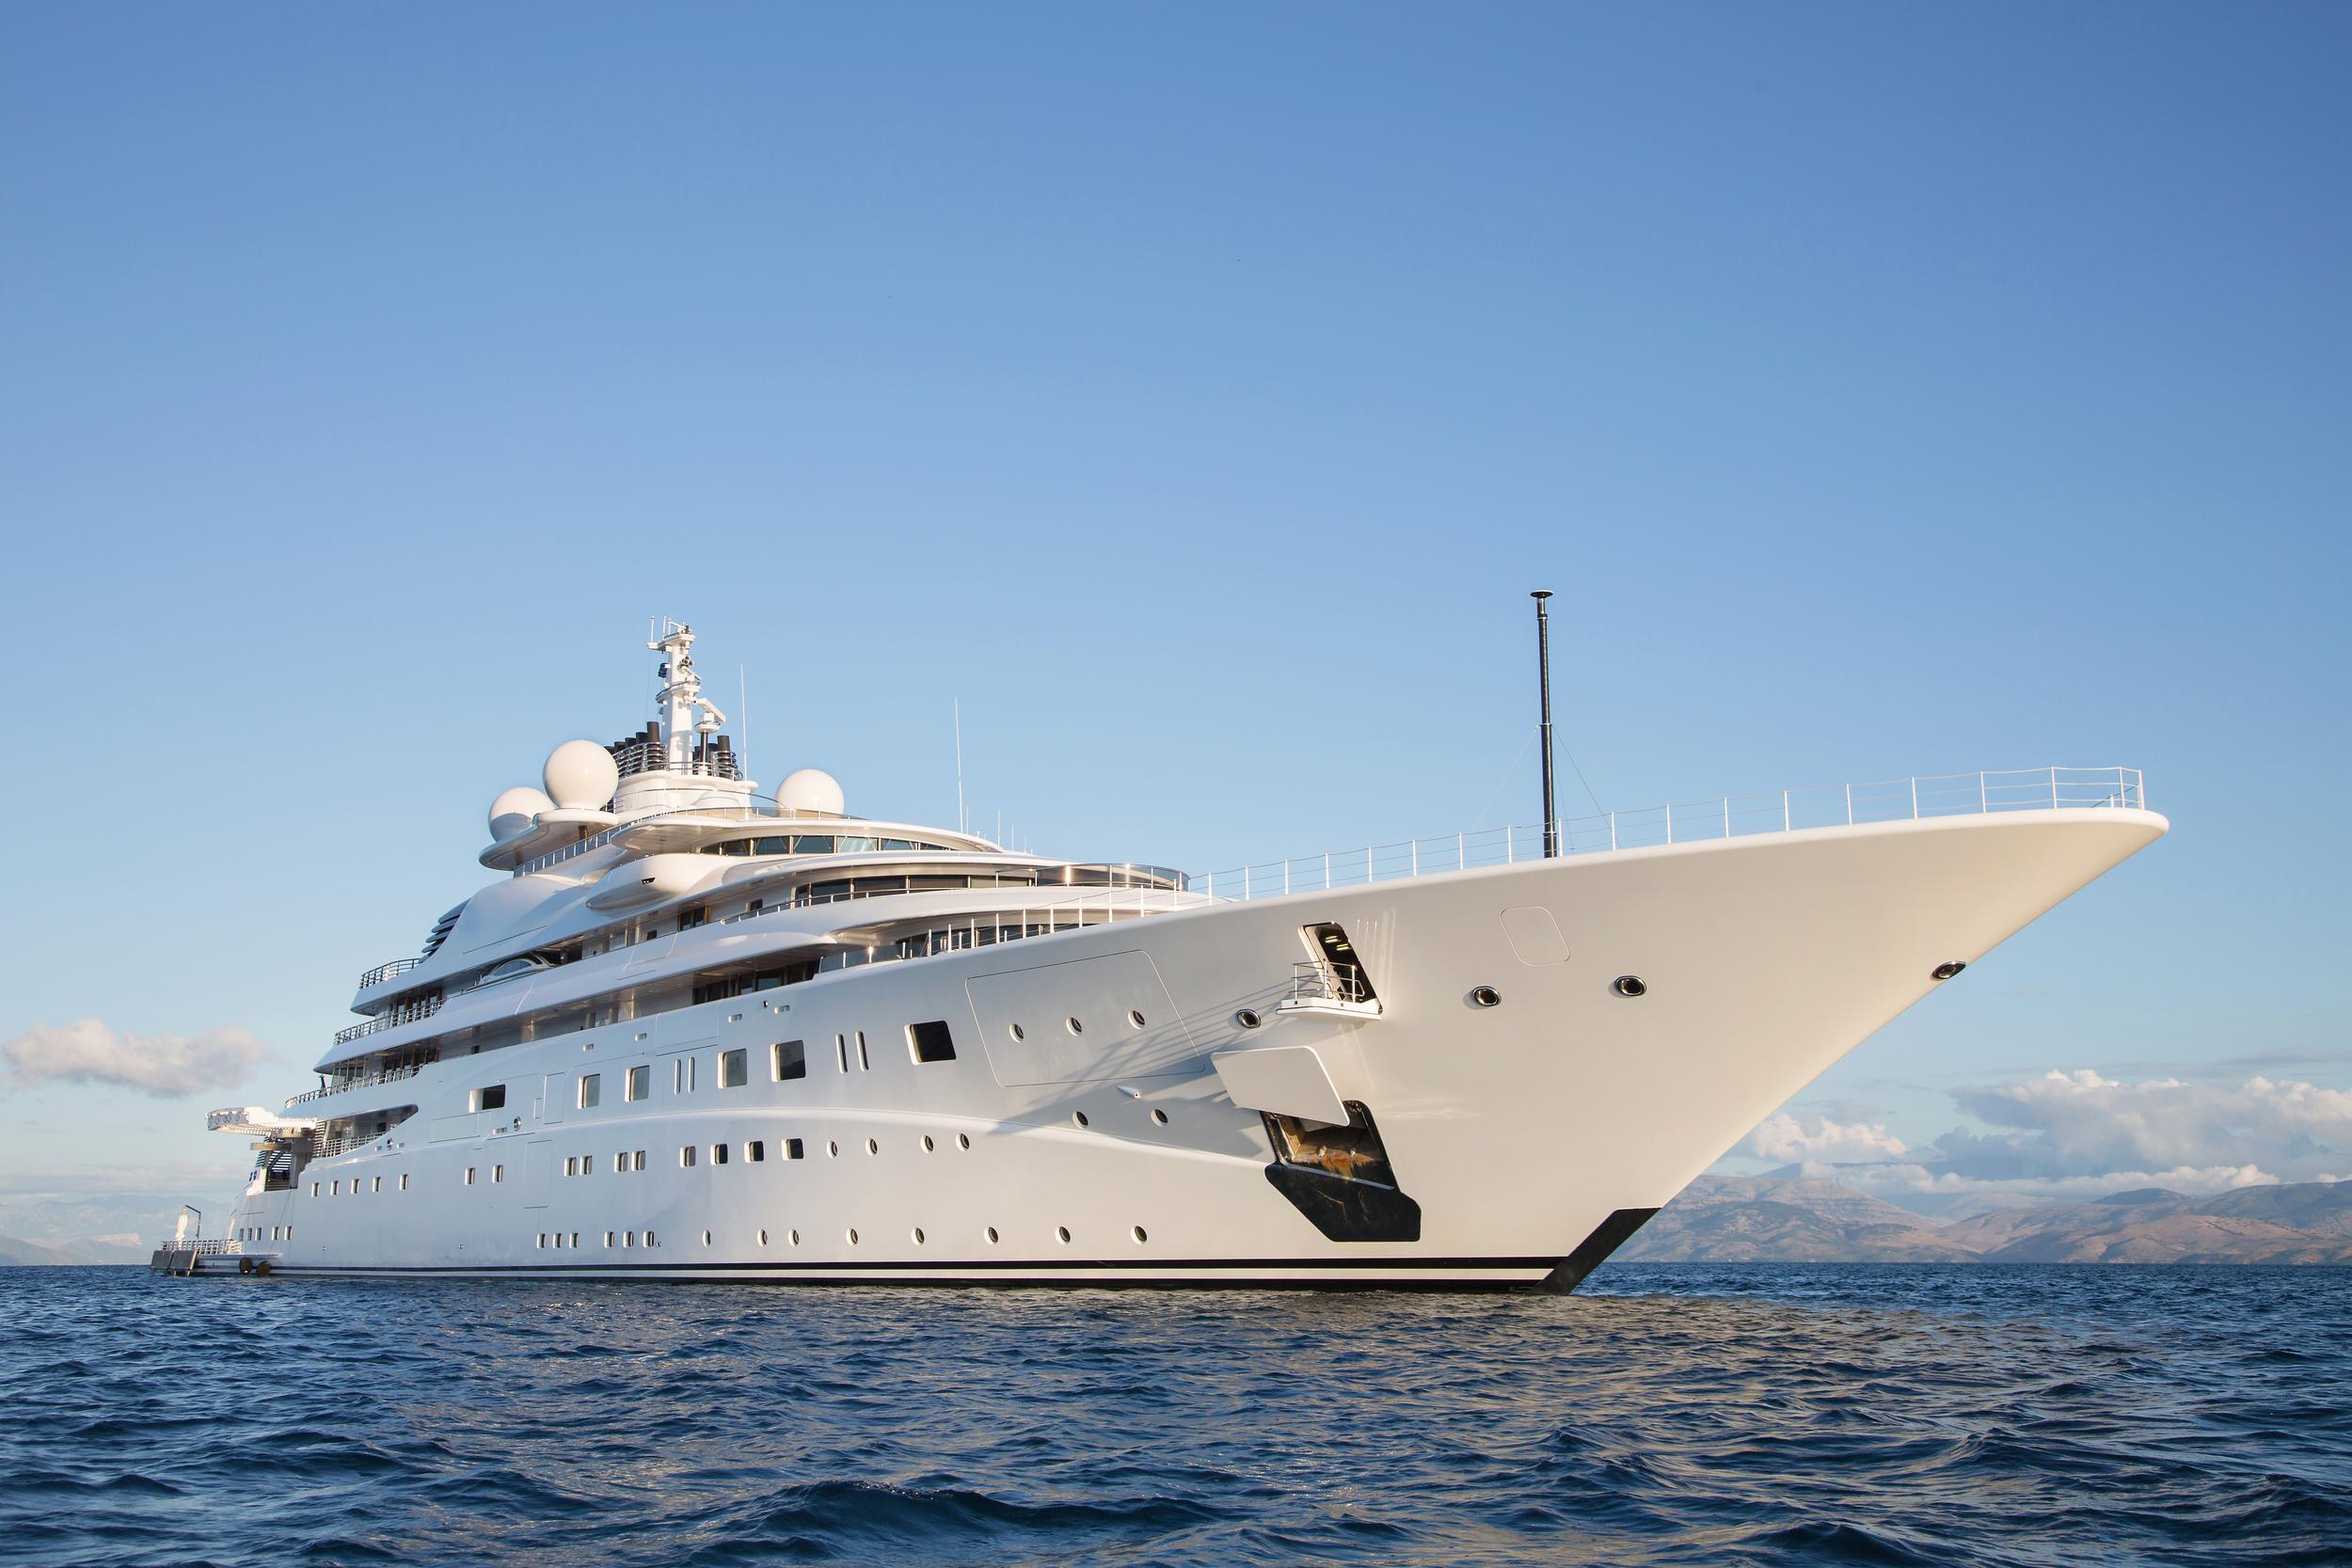 Luxury Yatch - 280 feet